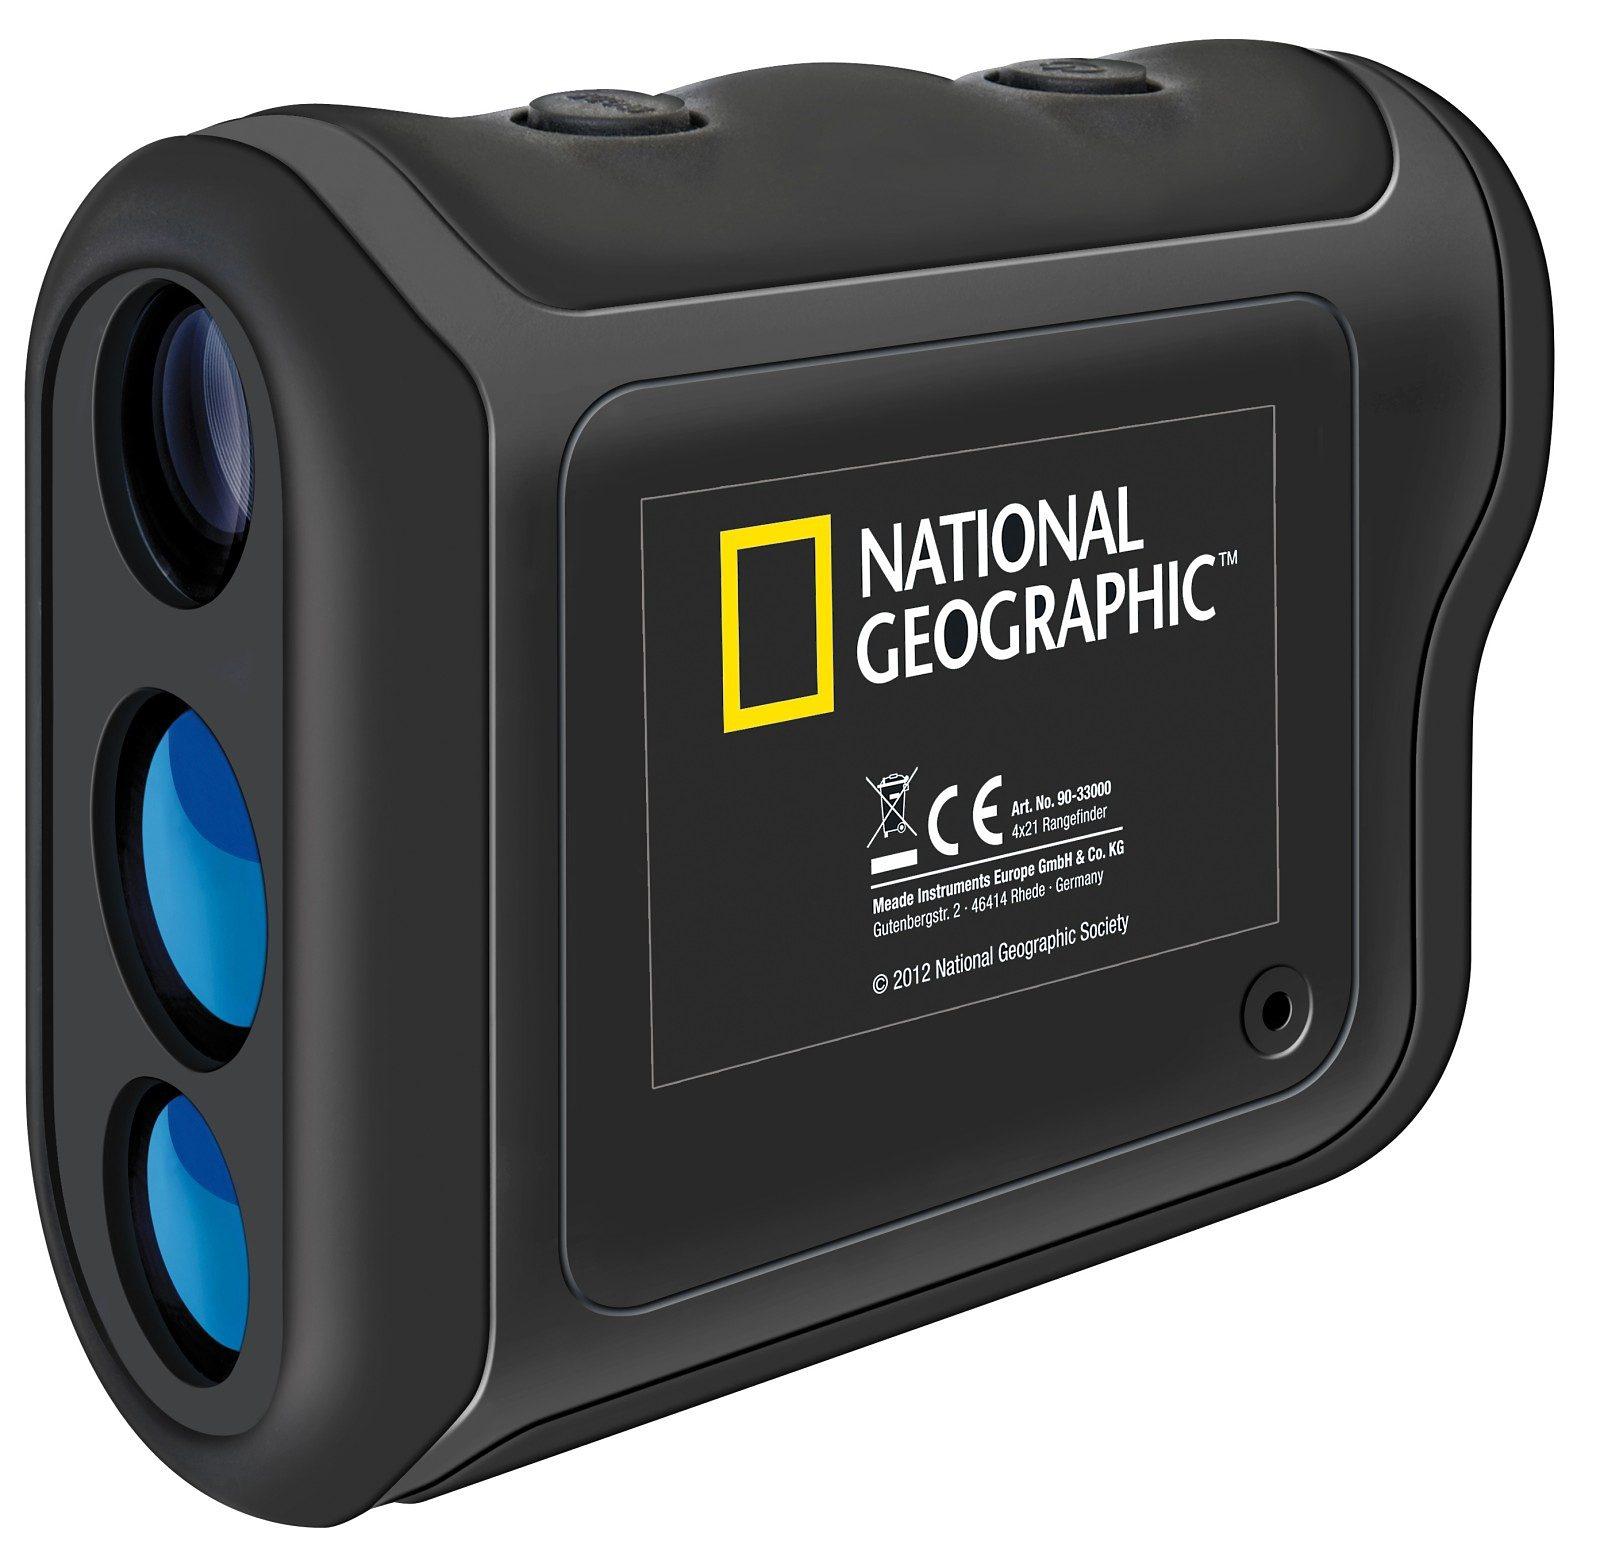 BRESSER Entfernungsmesser »NATIONAL GEOGRAPHIC 4x21 Entfernungsmesser«